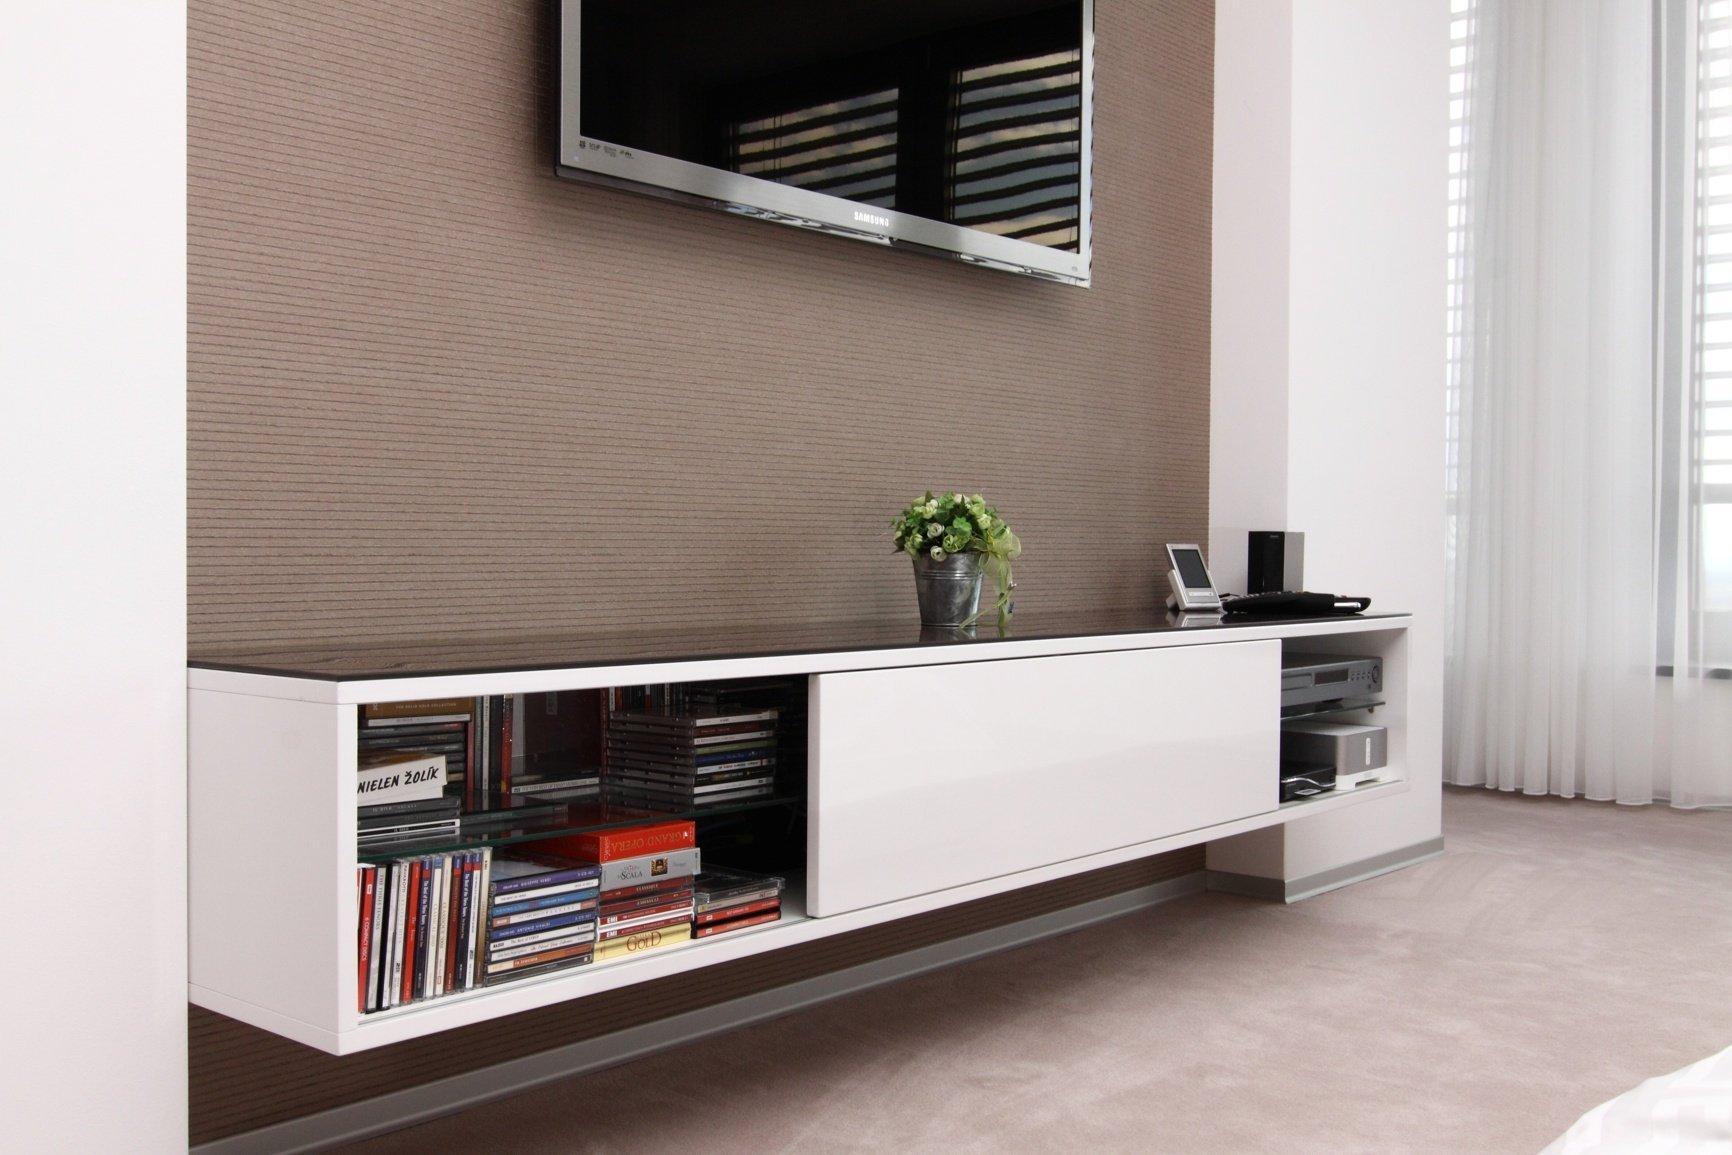 Realizace interiéru plná vzdušnosti a pocitu svobody přinesla použití netradičních materiálů a designového nábytku.Dispozice: 5kk Užitná plocha: 480 m2…